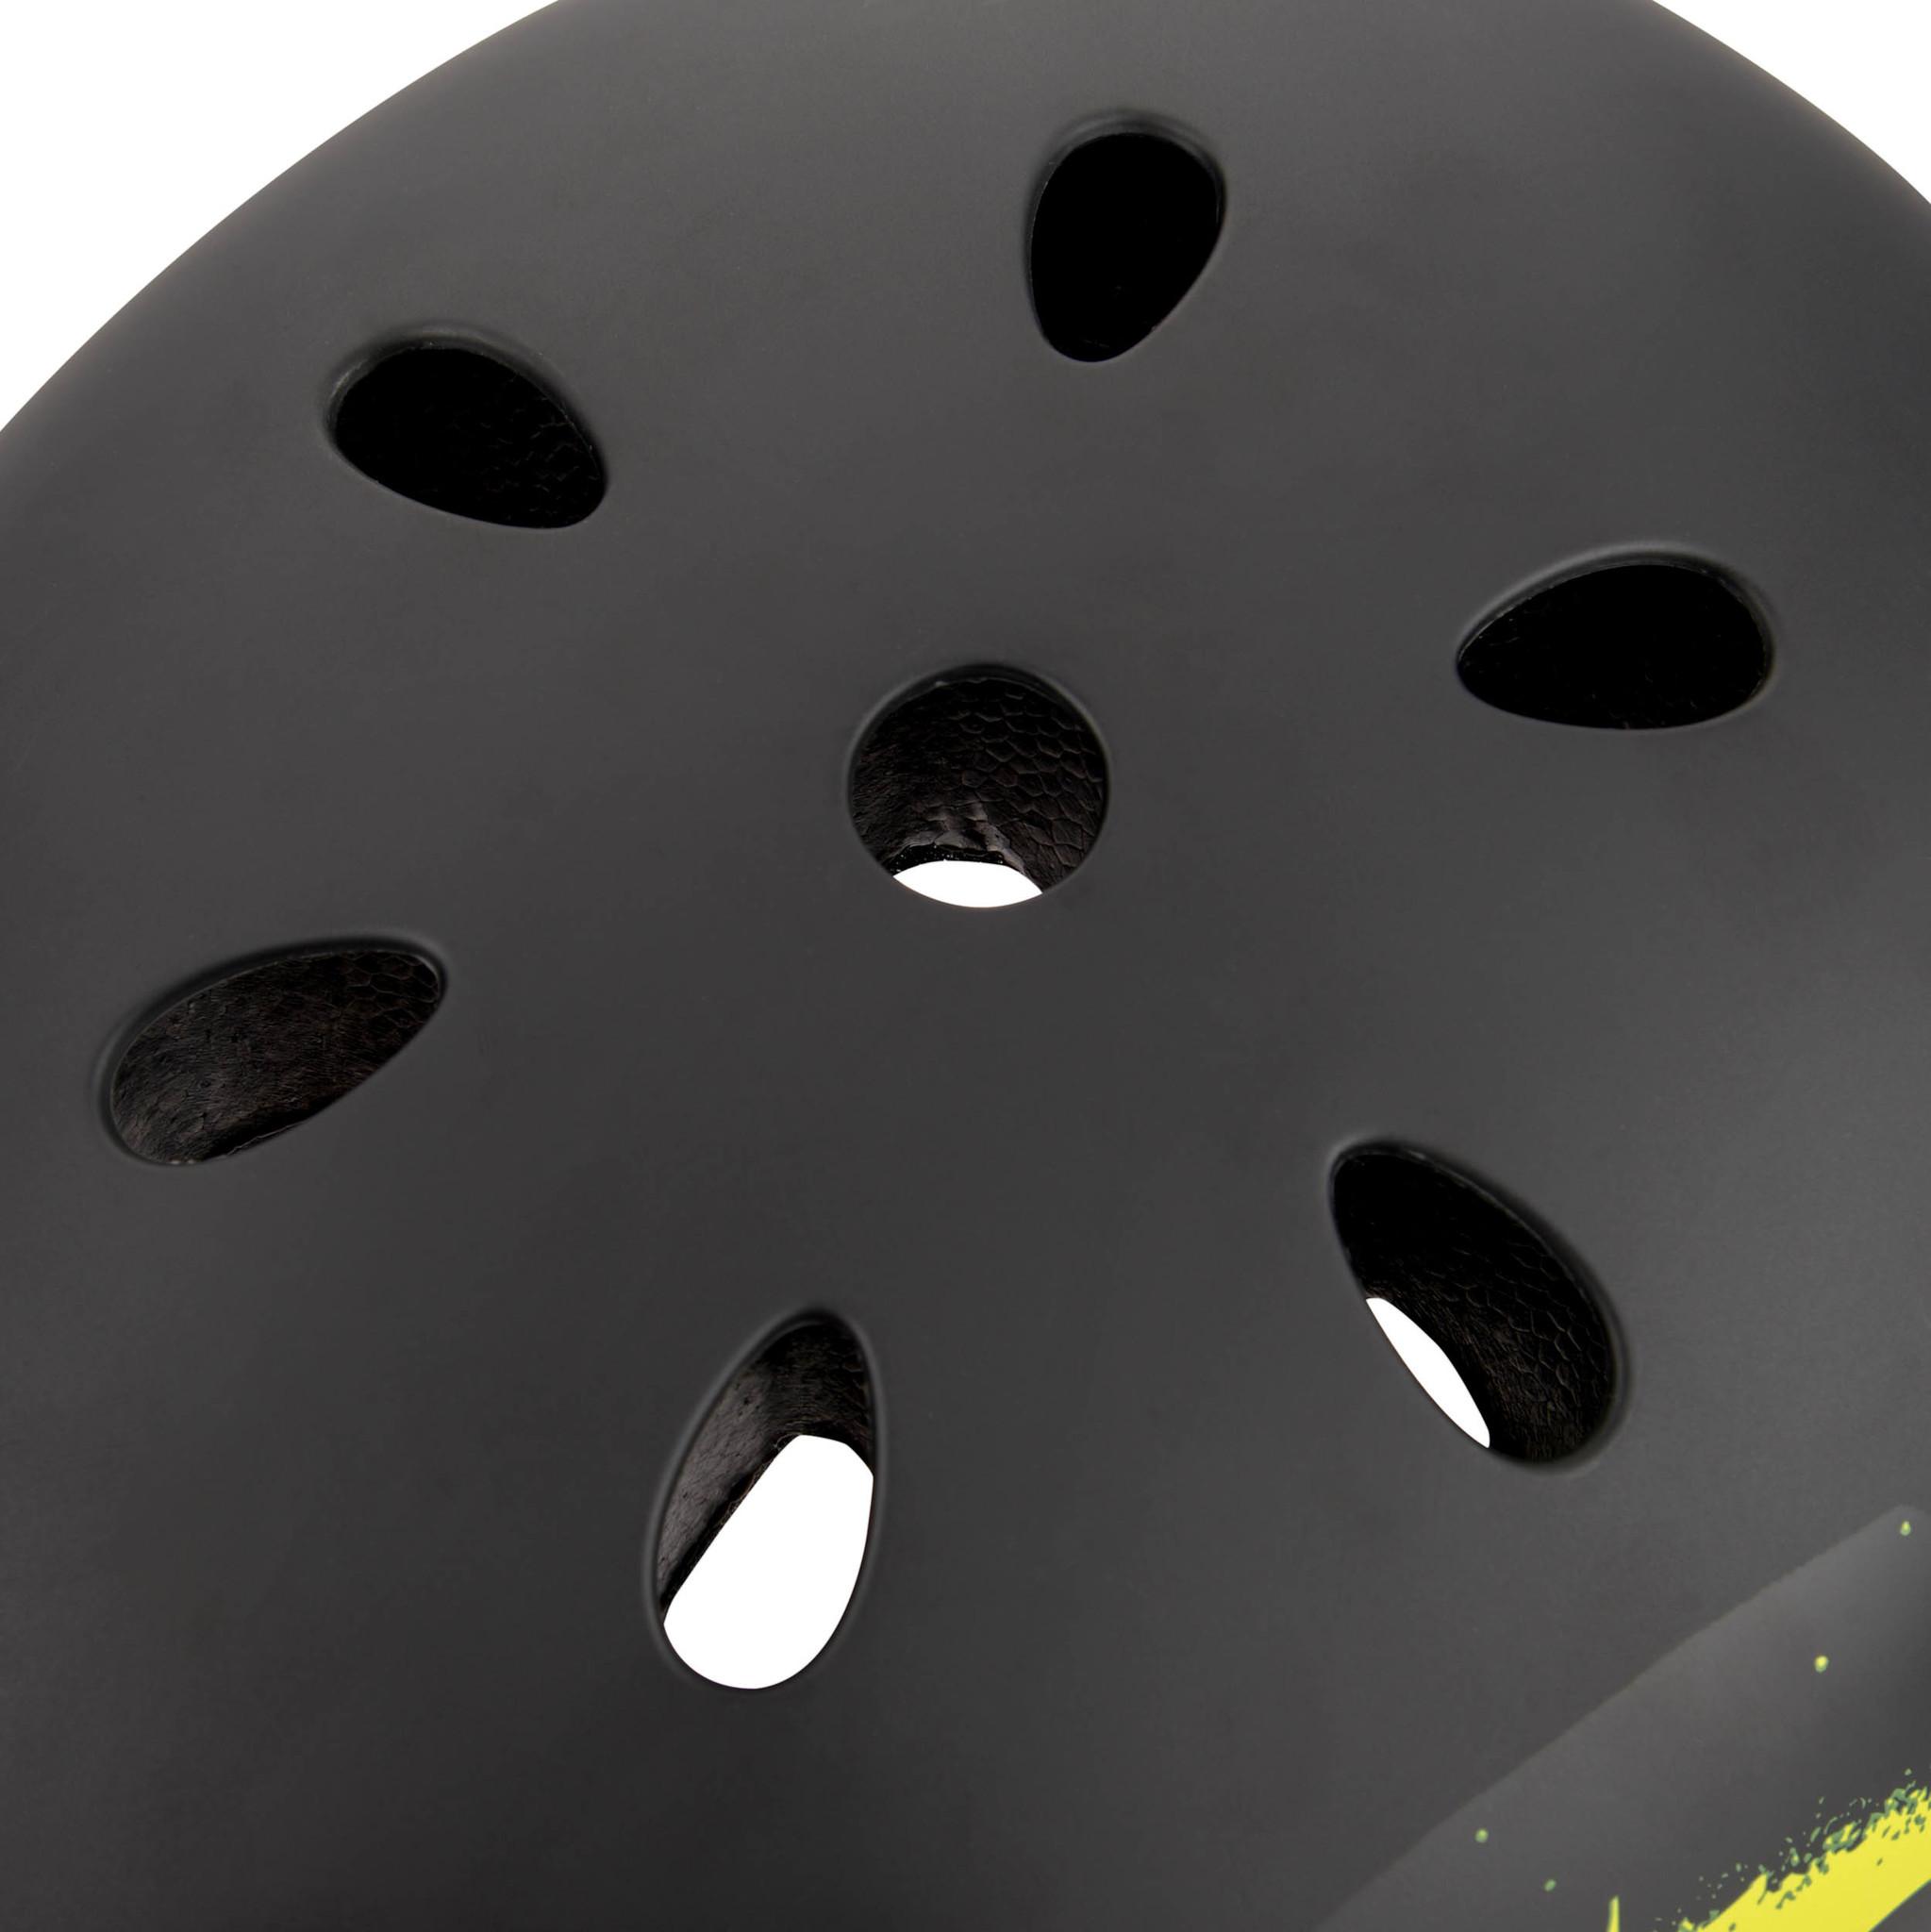 шлем для взрослых